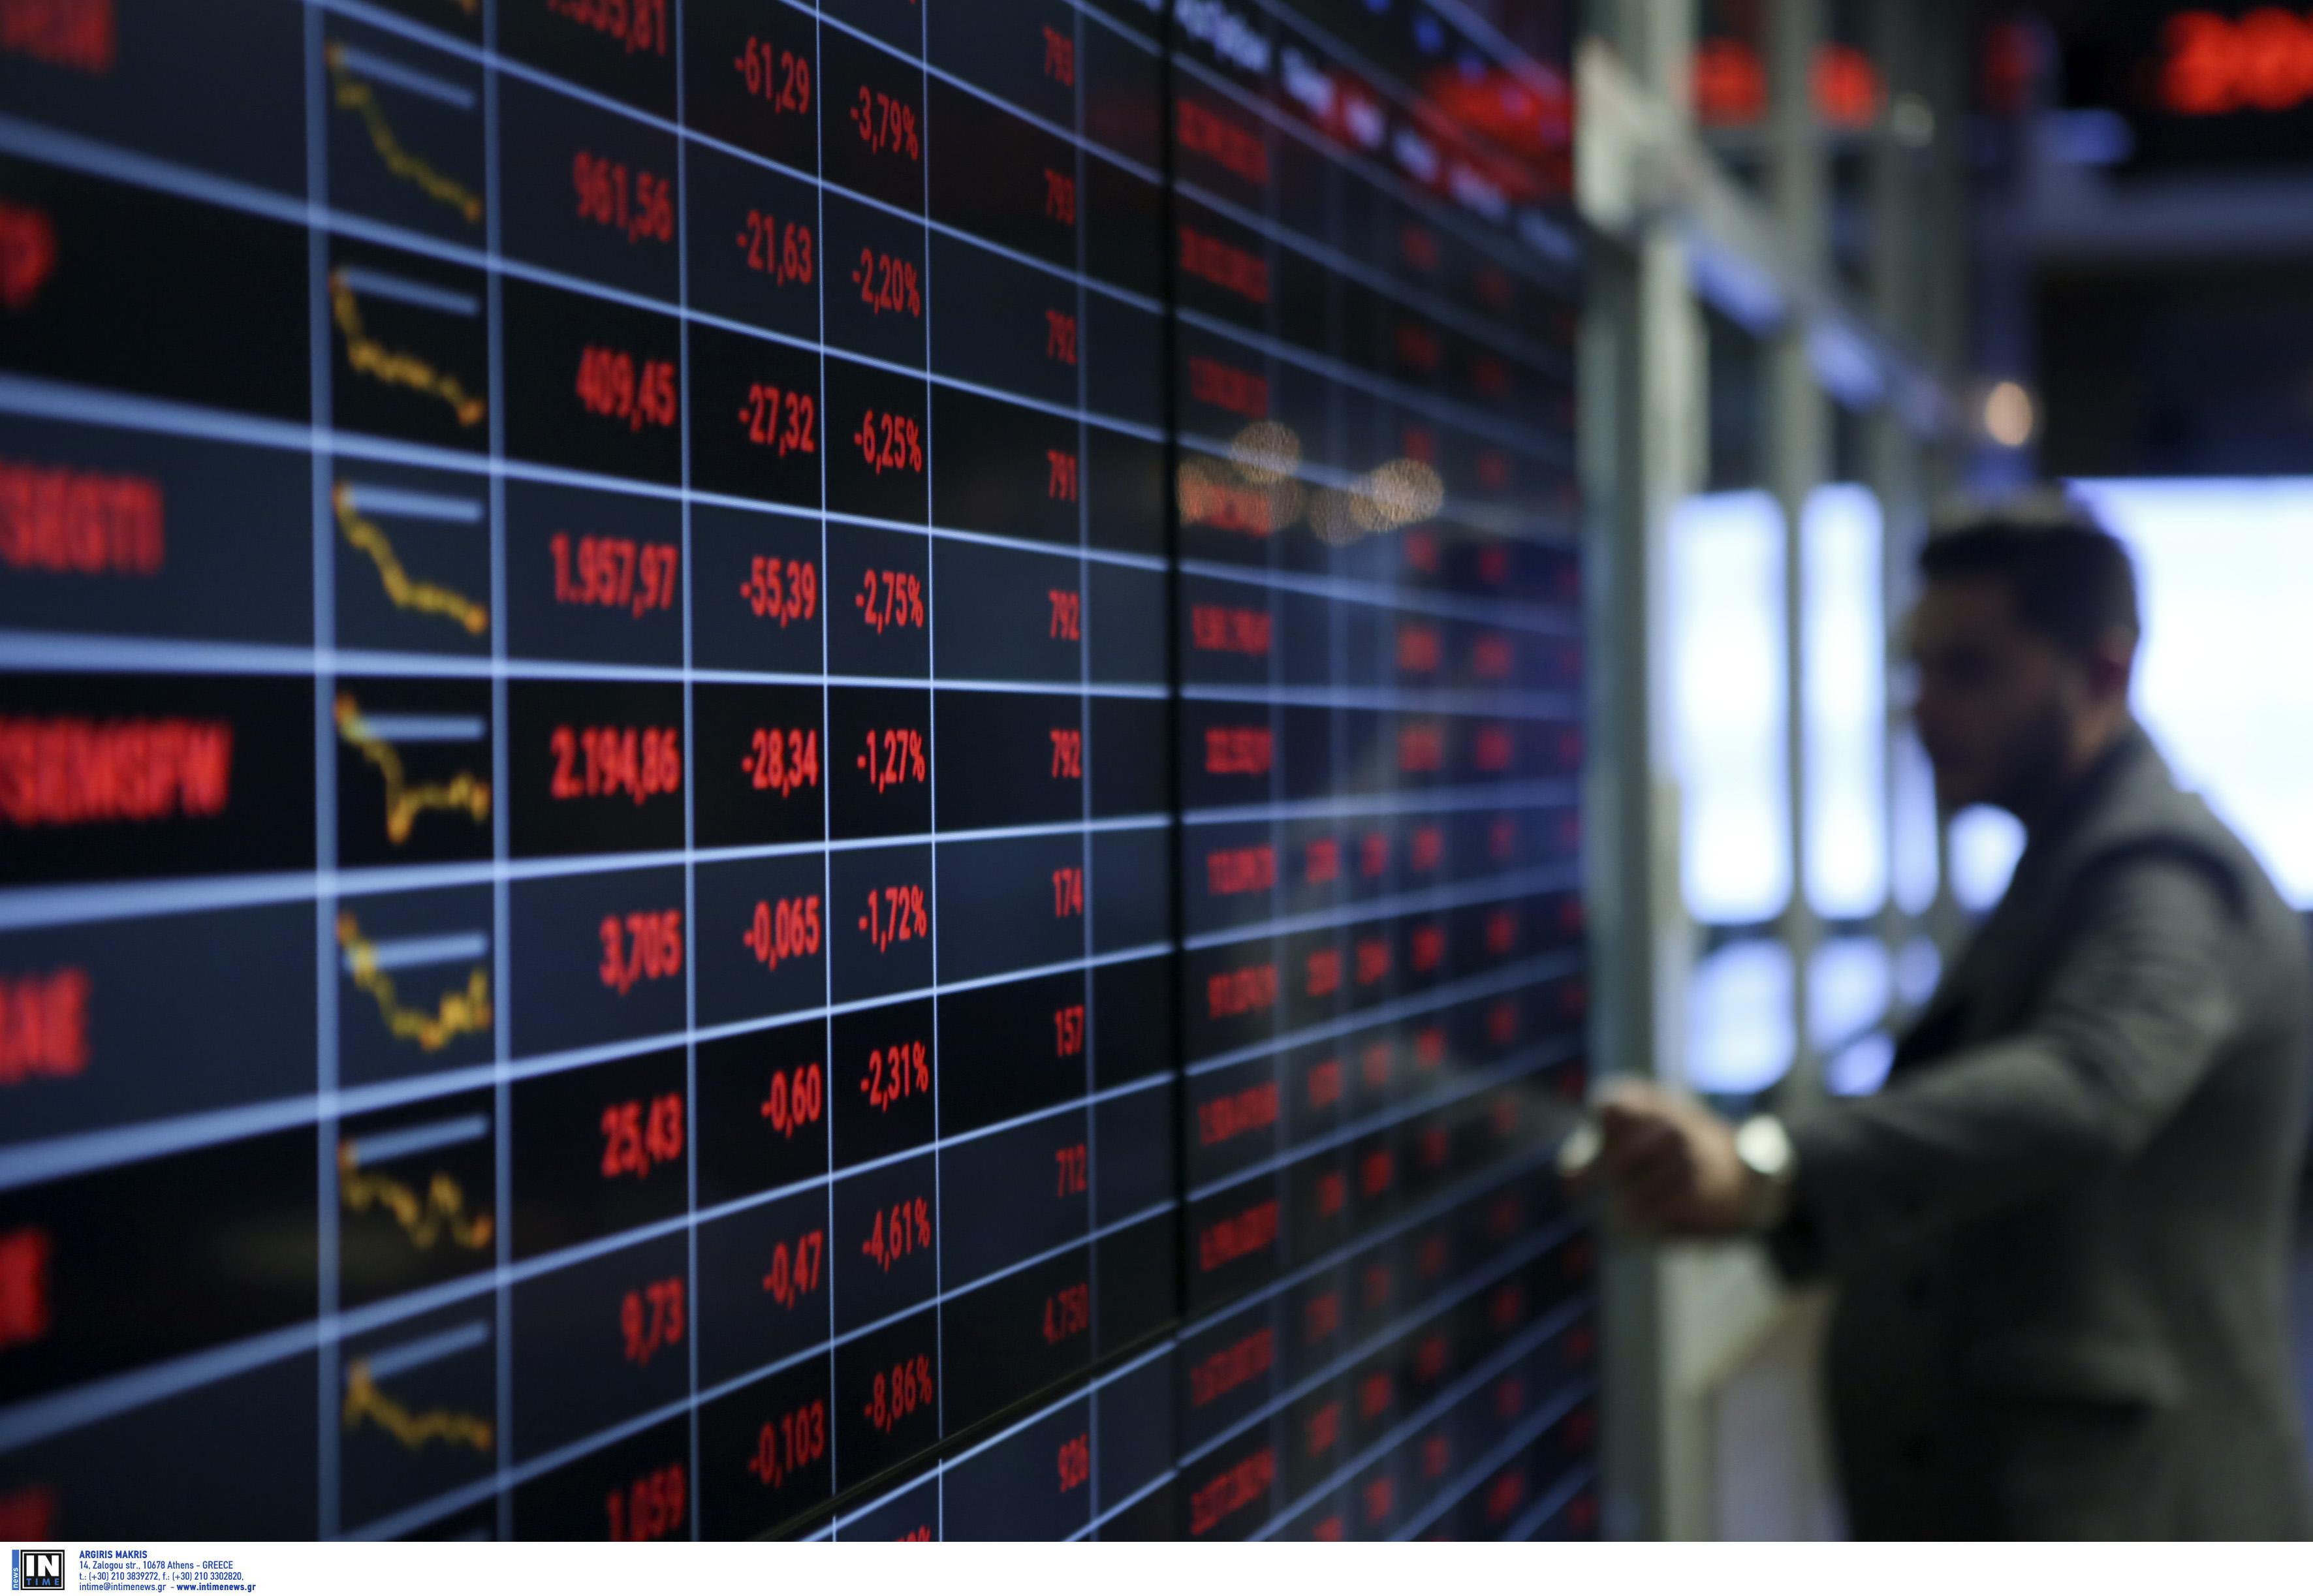 Χρηματιστήριο: Υψηλά κέρδη 3,21% στο κλείσιμο